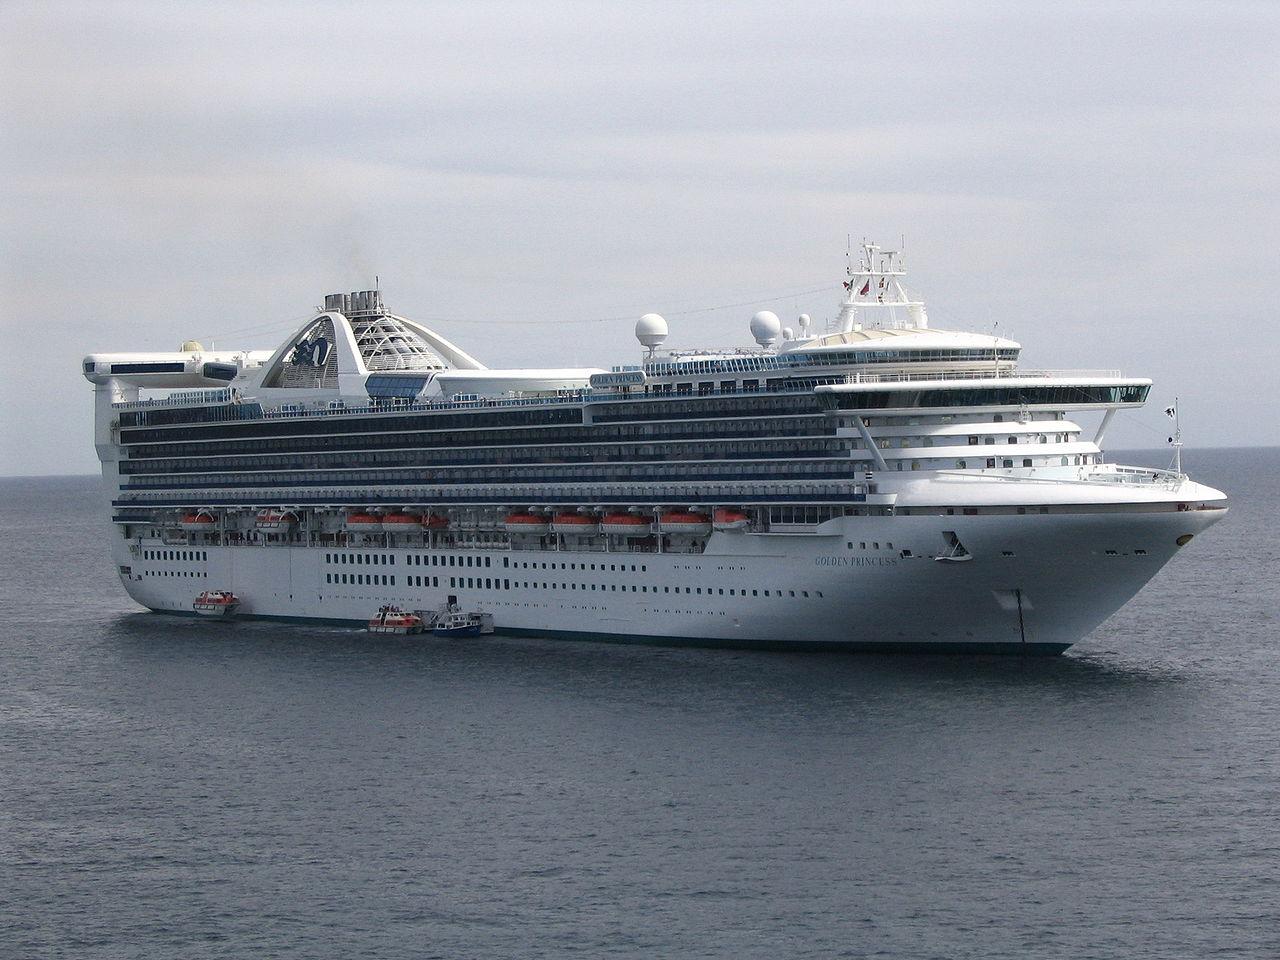 Nachdem der Verdacht auf mit dem Corona-Virus Infizierte an Bord besteht, dürfen Tausende Passagiere und Crewmitglieder die Golden Princess nicht verlassen. Die Golden Princess liegt derzeit mit 2.600 Passagieren und 1.100 Besatzungsmitgliedern an Bord vor Neuseeland.